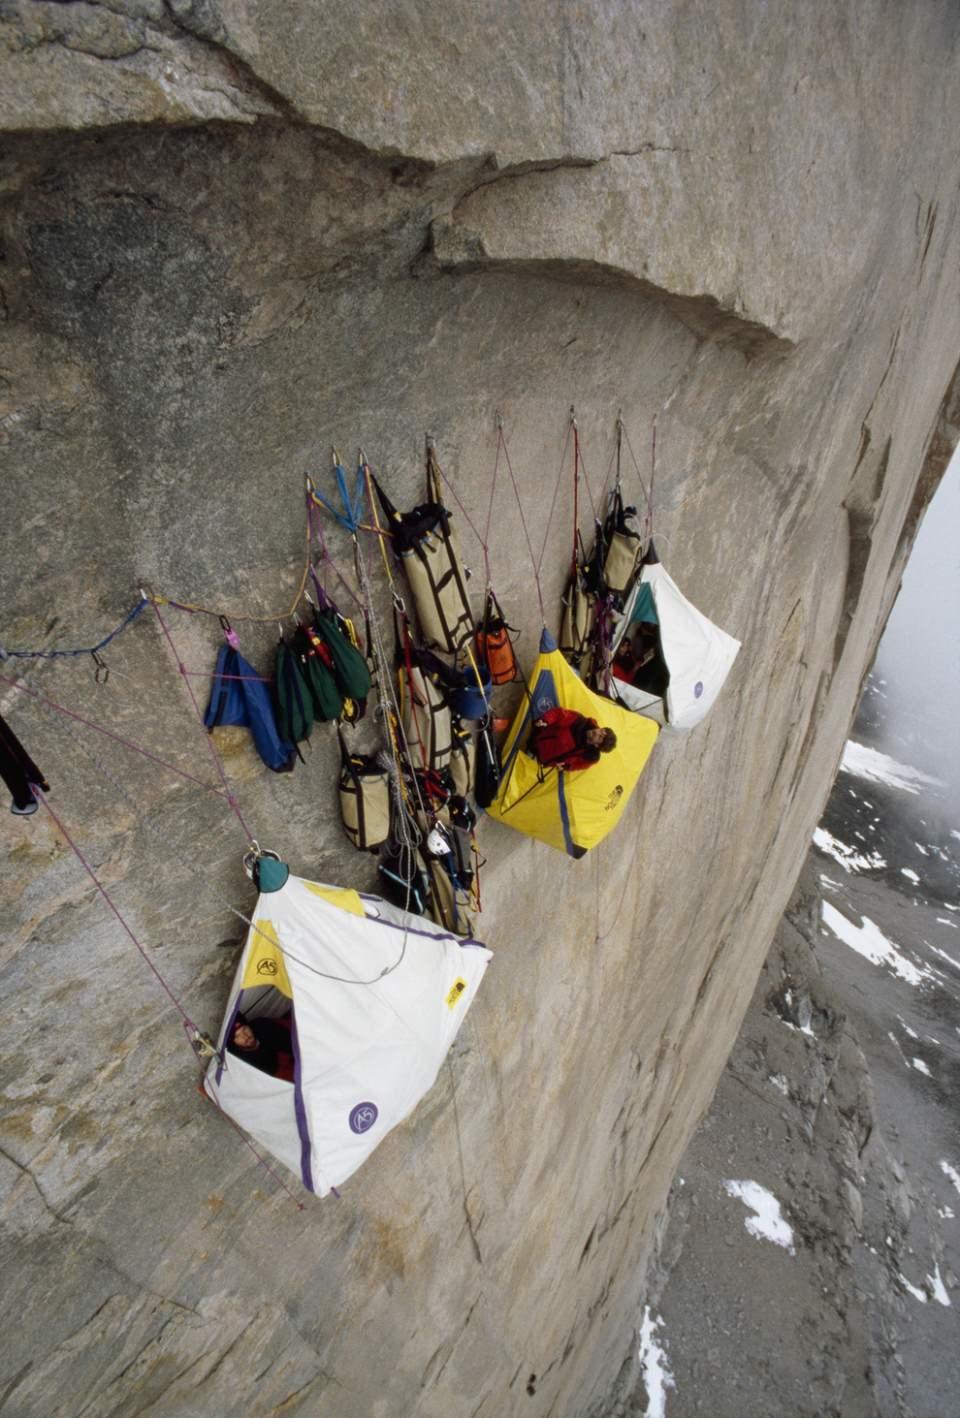 Yükseklik korkusu olanlar bakmasın! galerisi resim 22